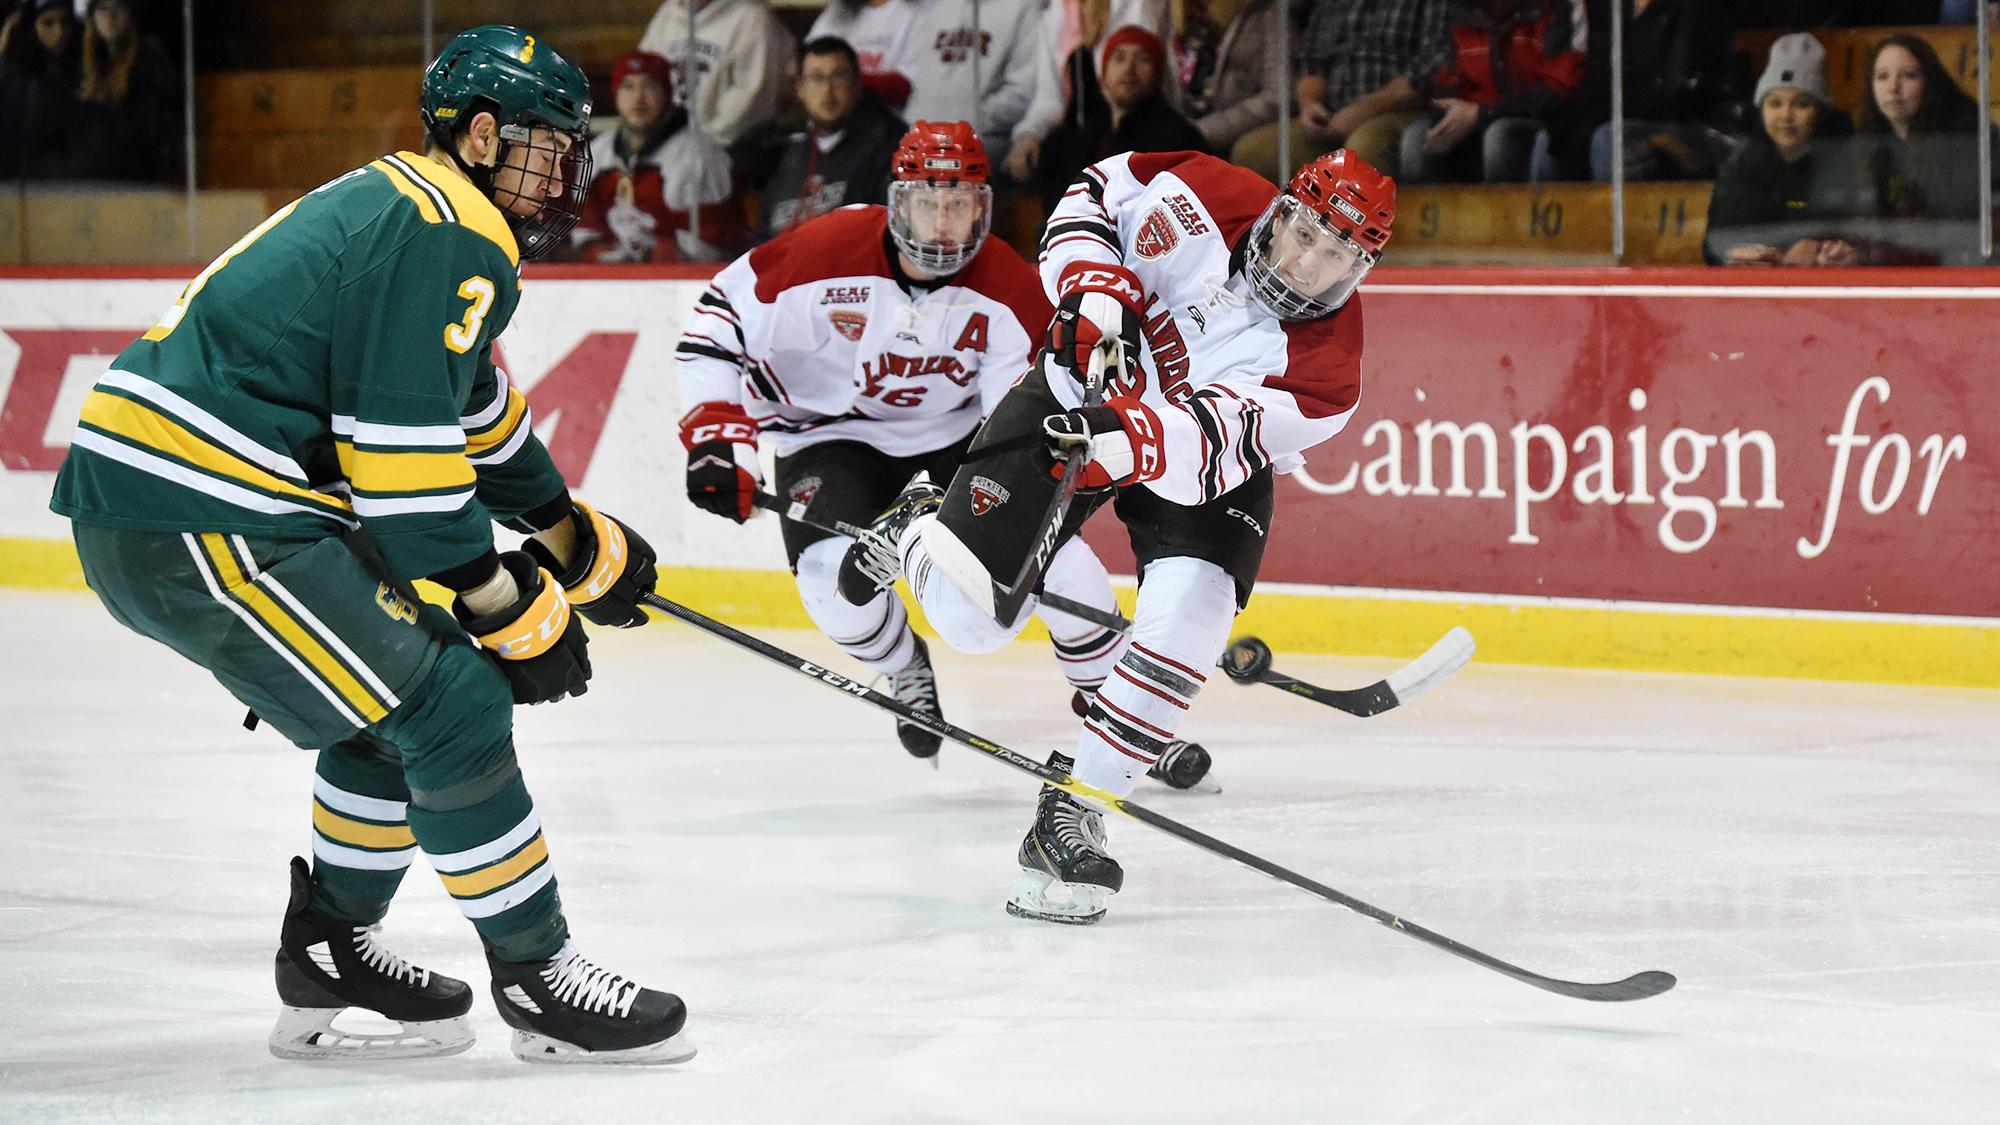 MHockey1.jpg